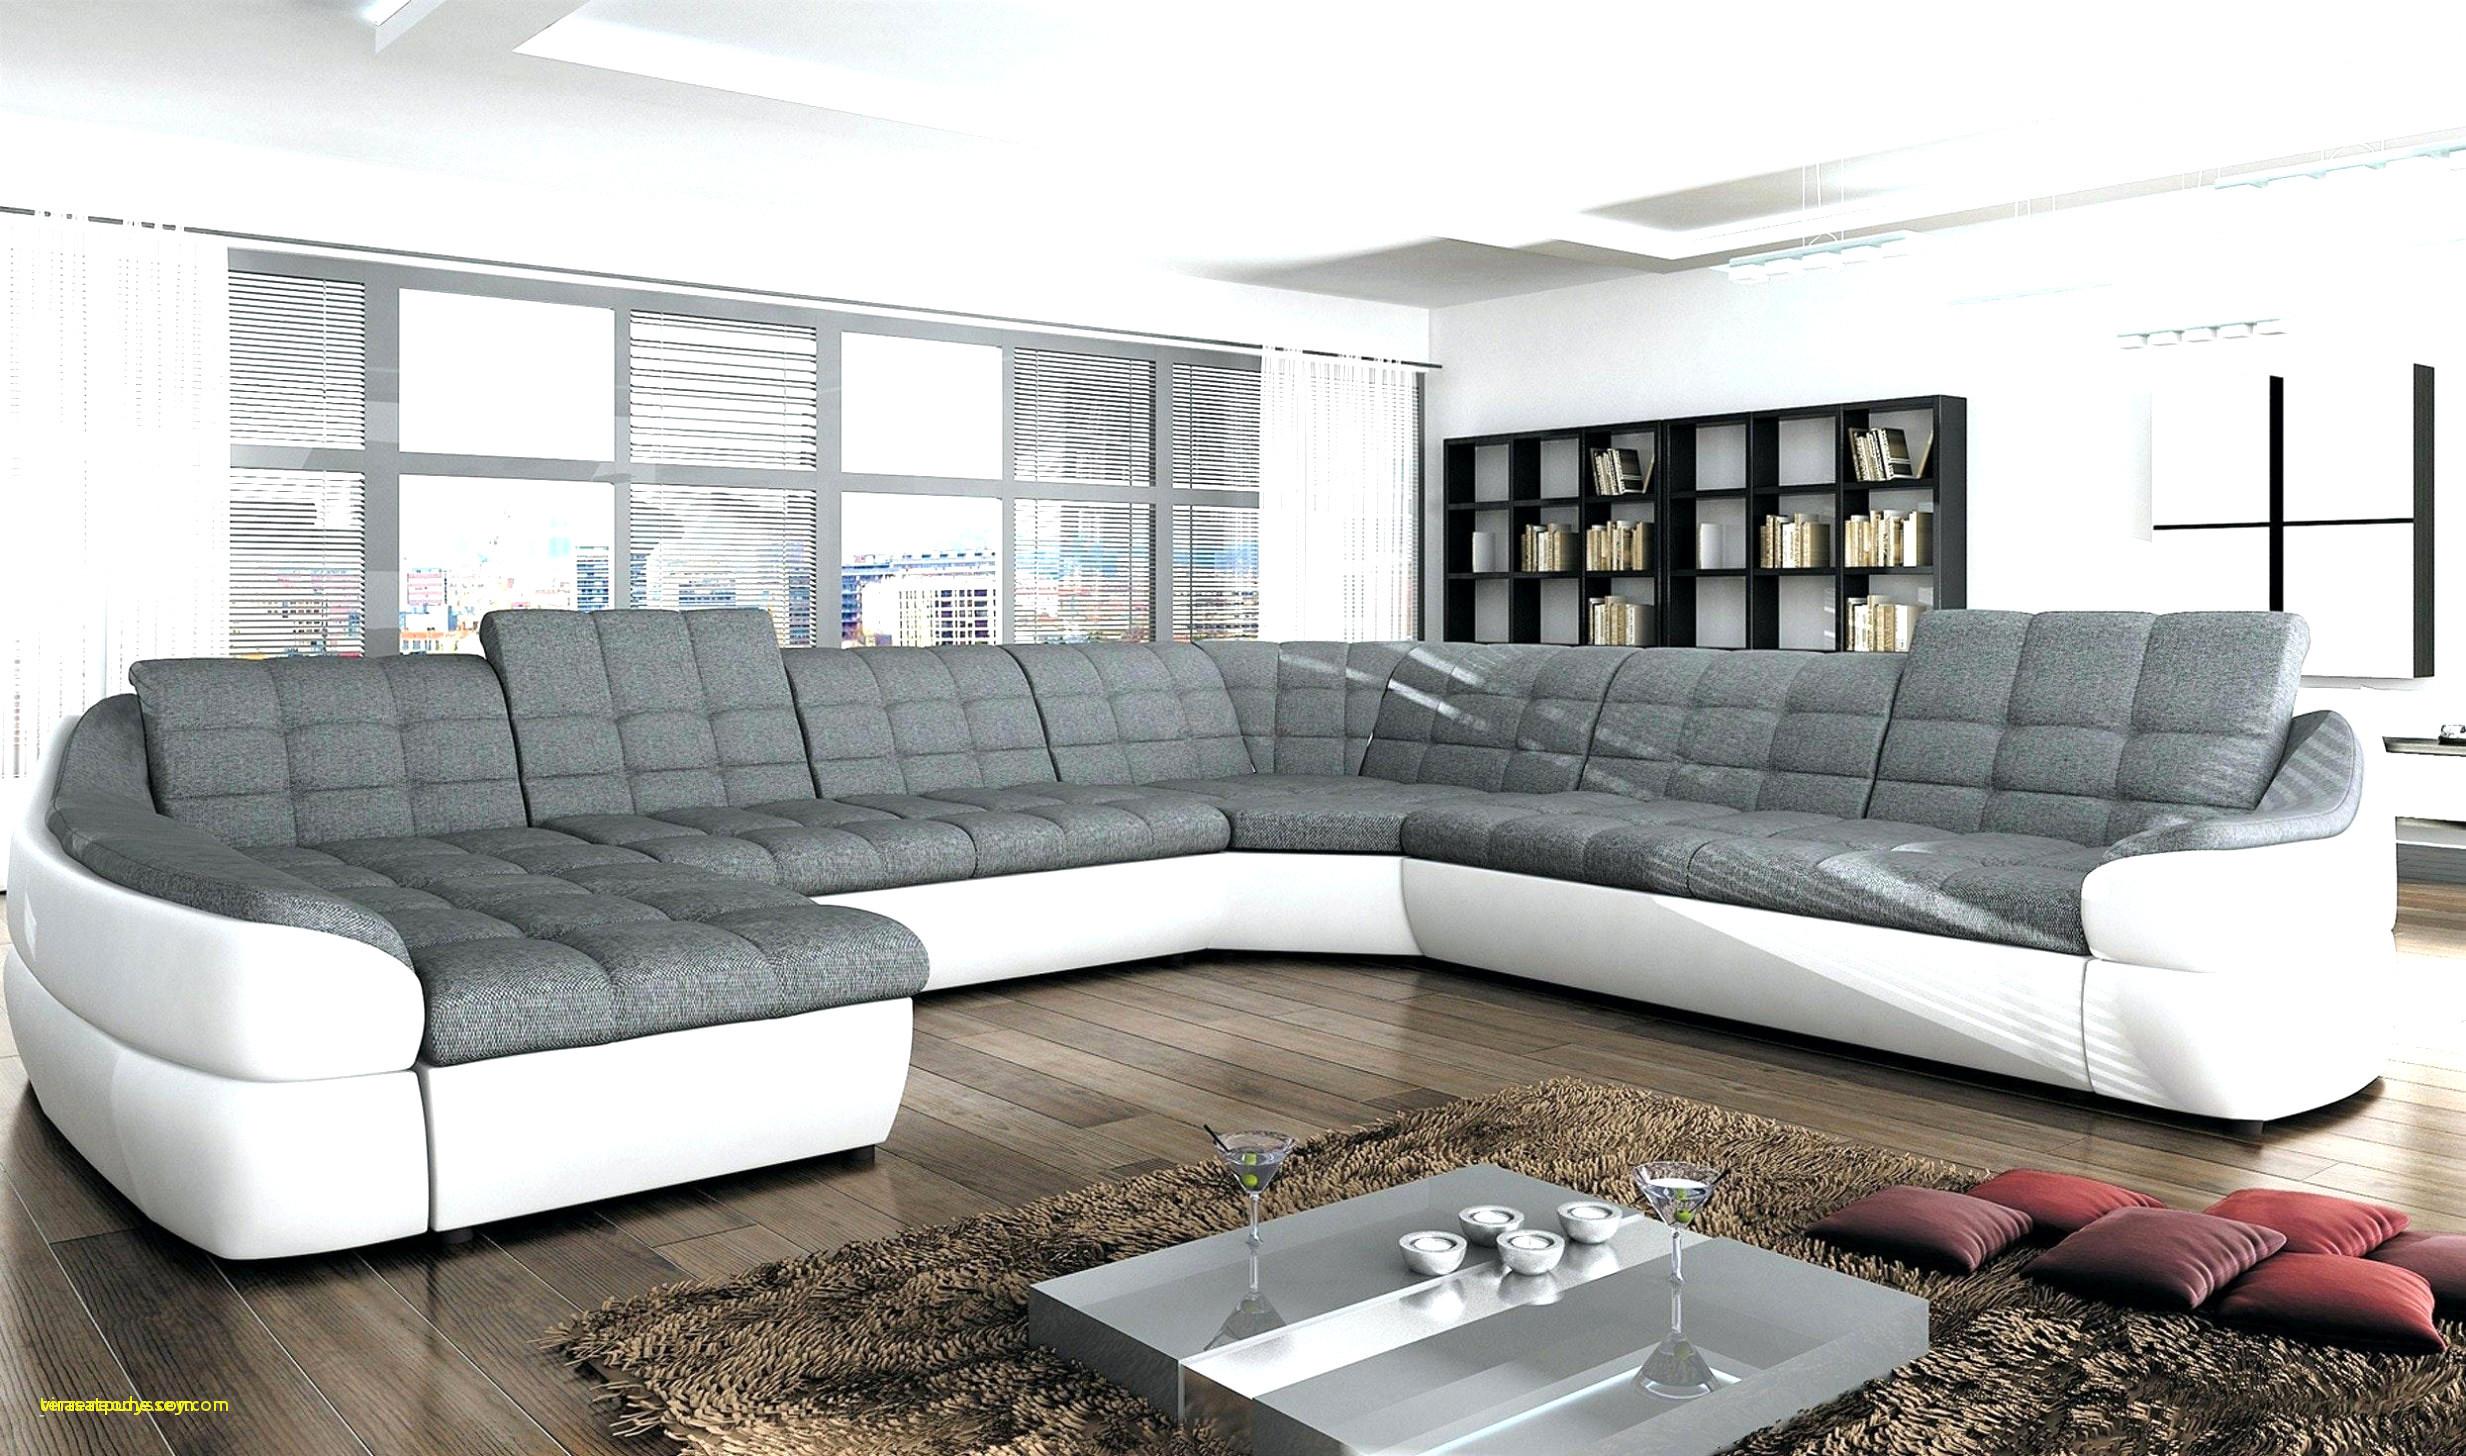 nouveau canape darty top meuble idees astucieuses